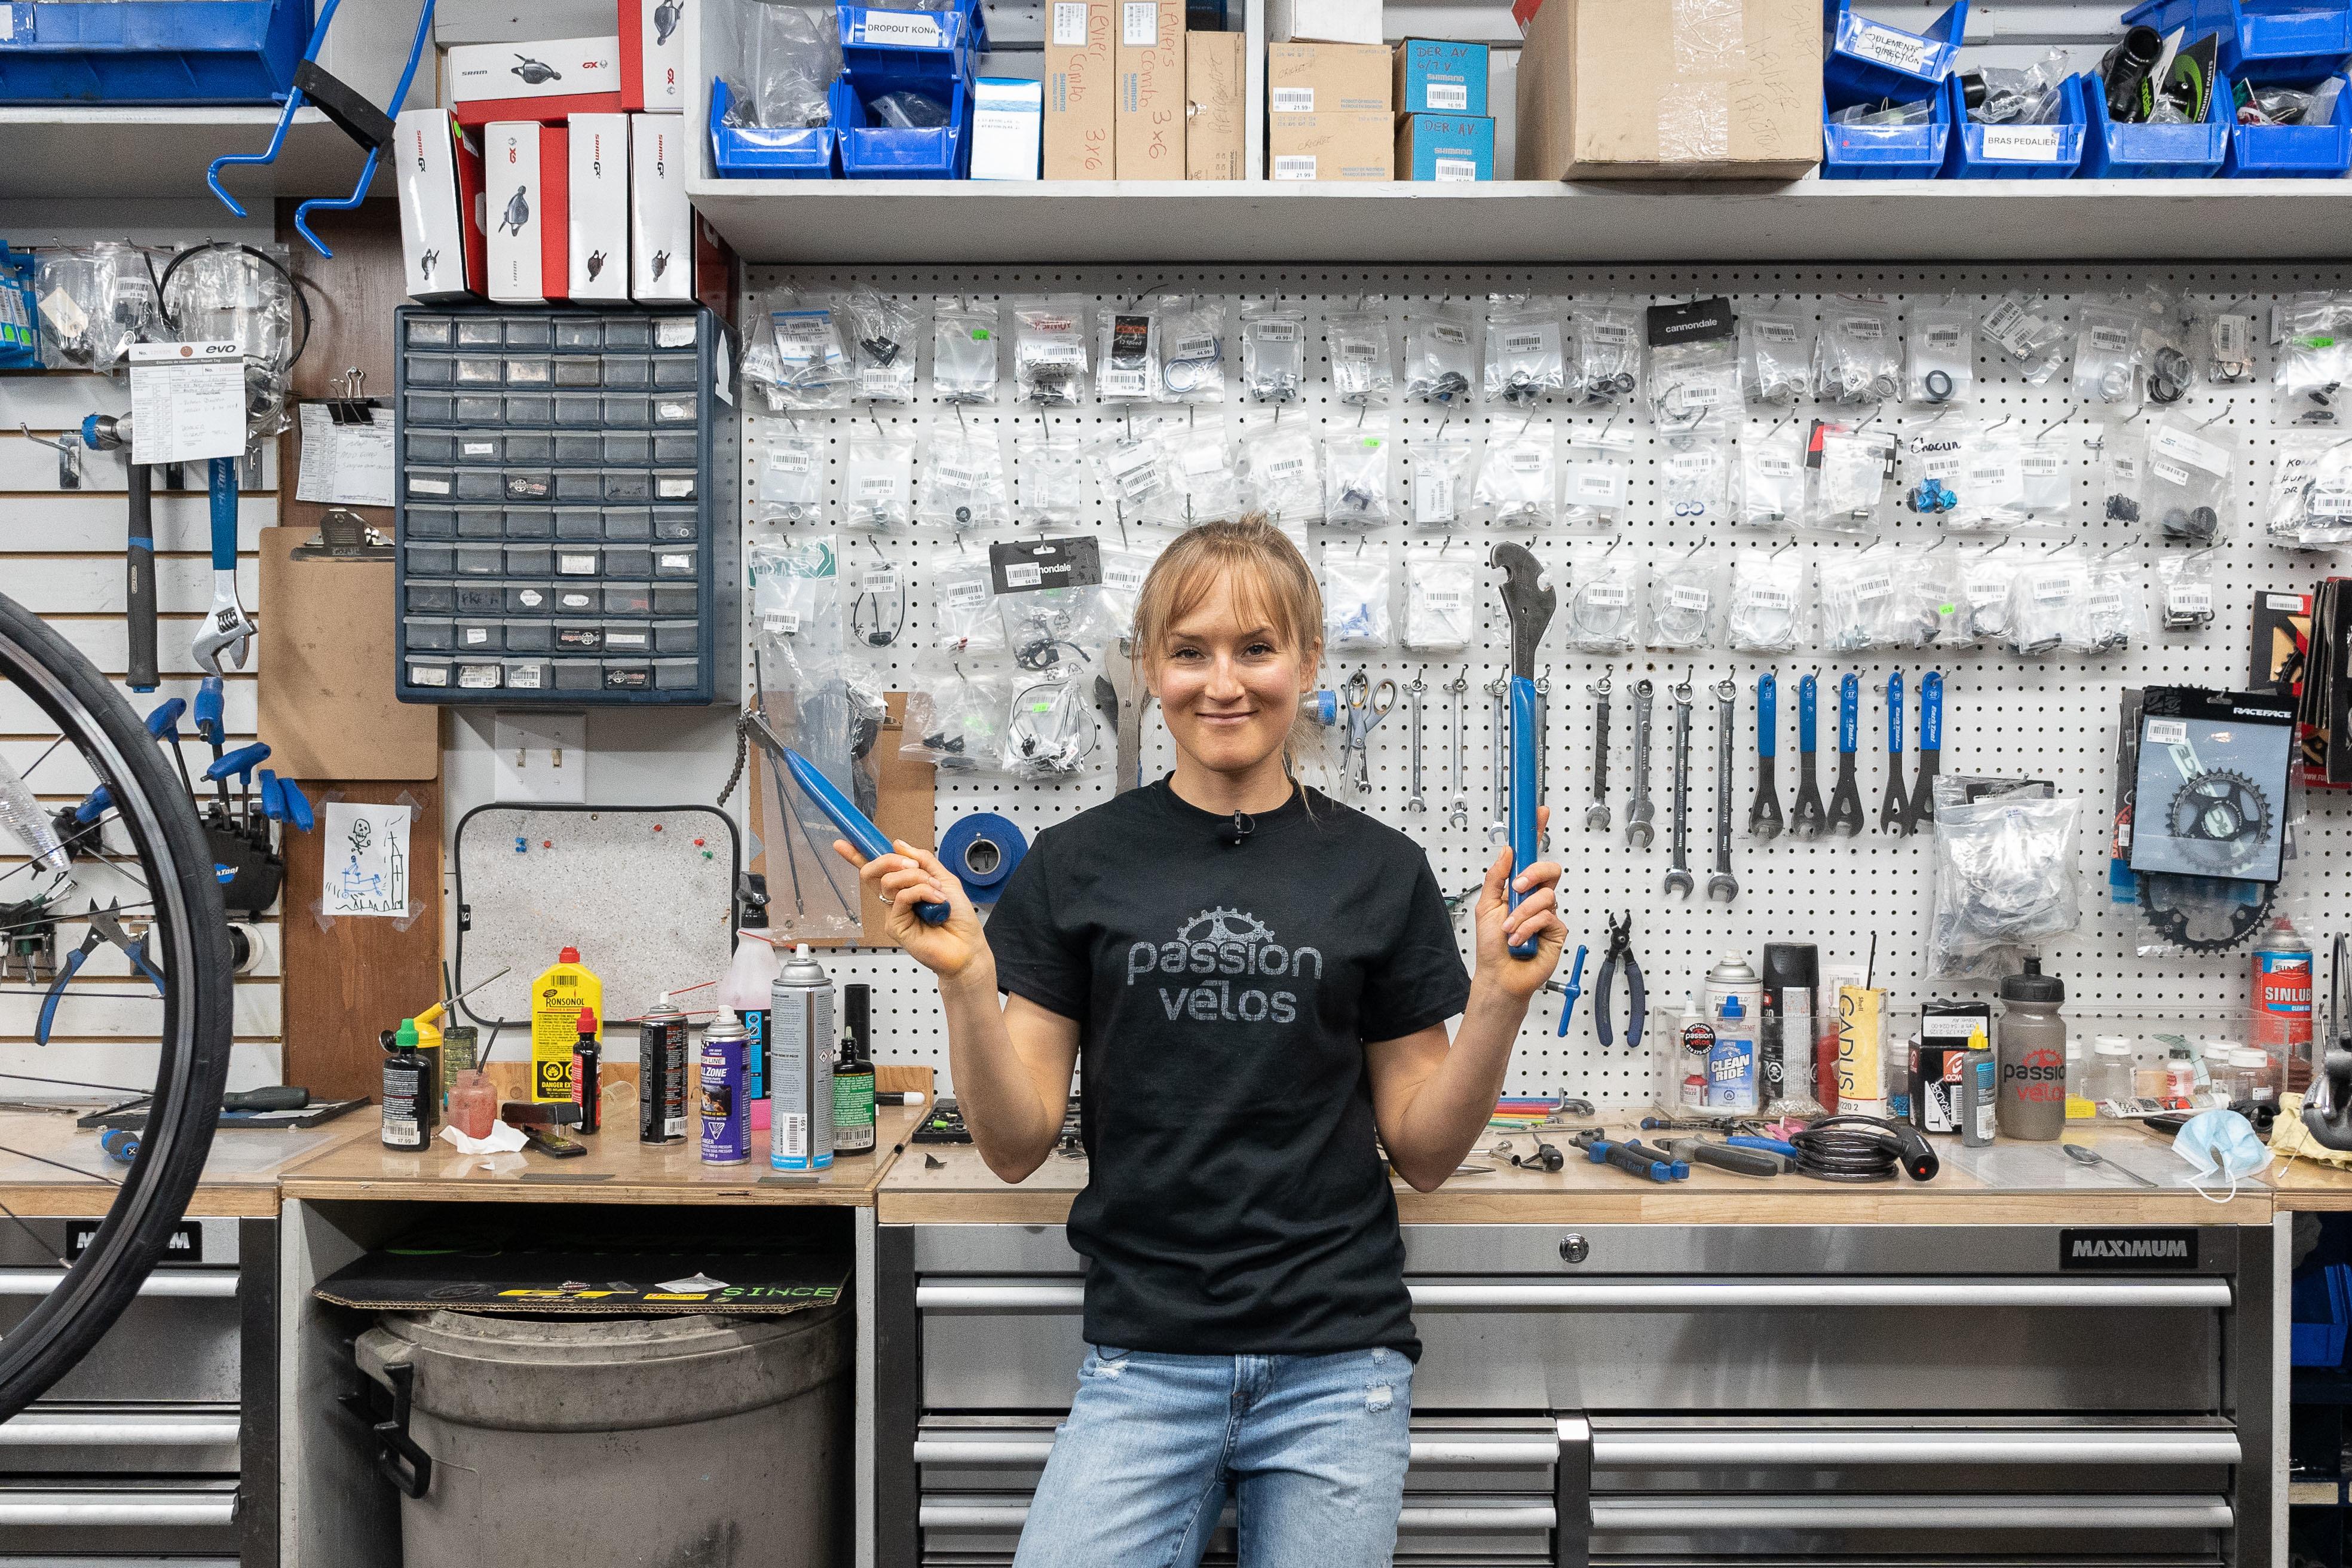 Lex Albrecht, Passion Vélos Trois Rivières, Bike shop, bike tools, how to build a bike